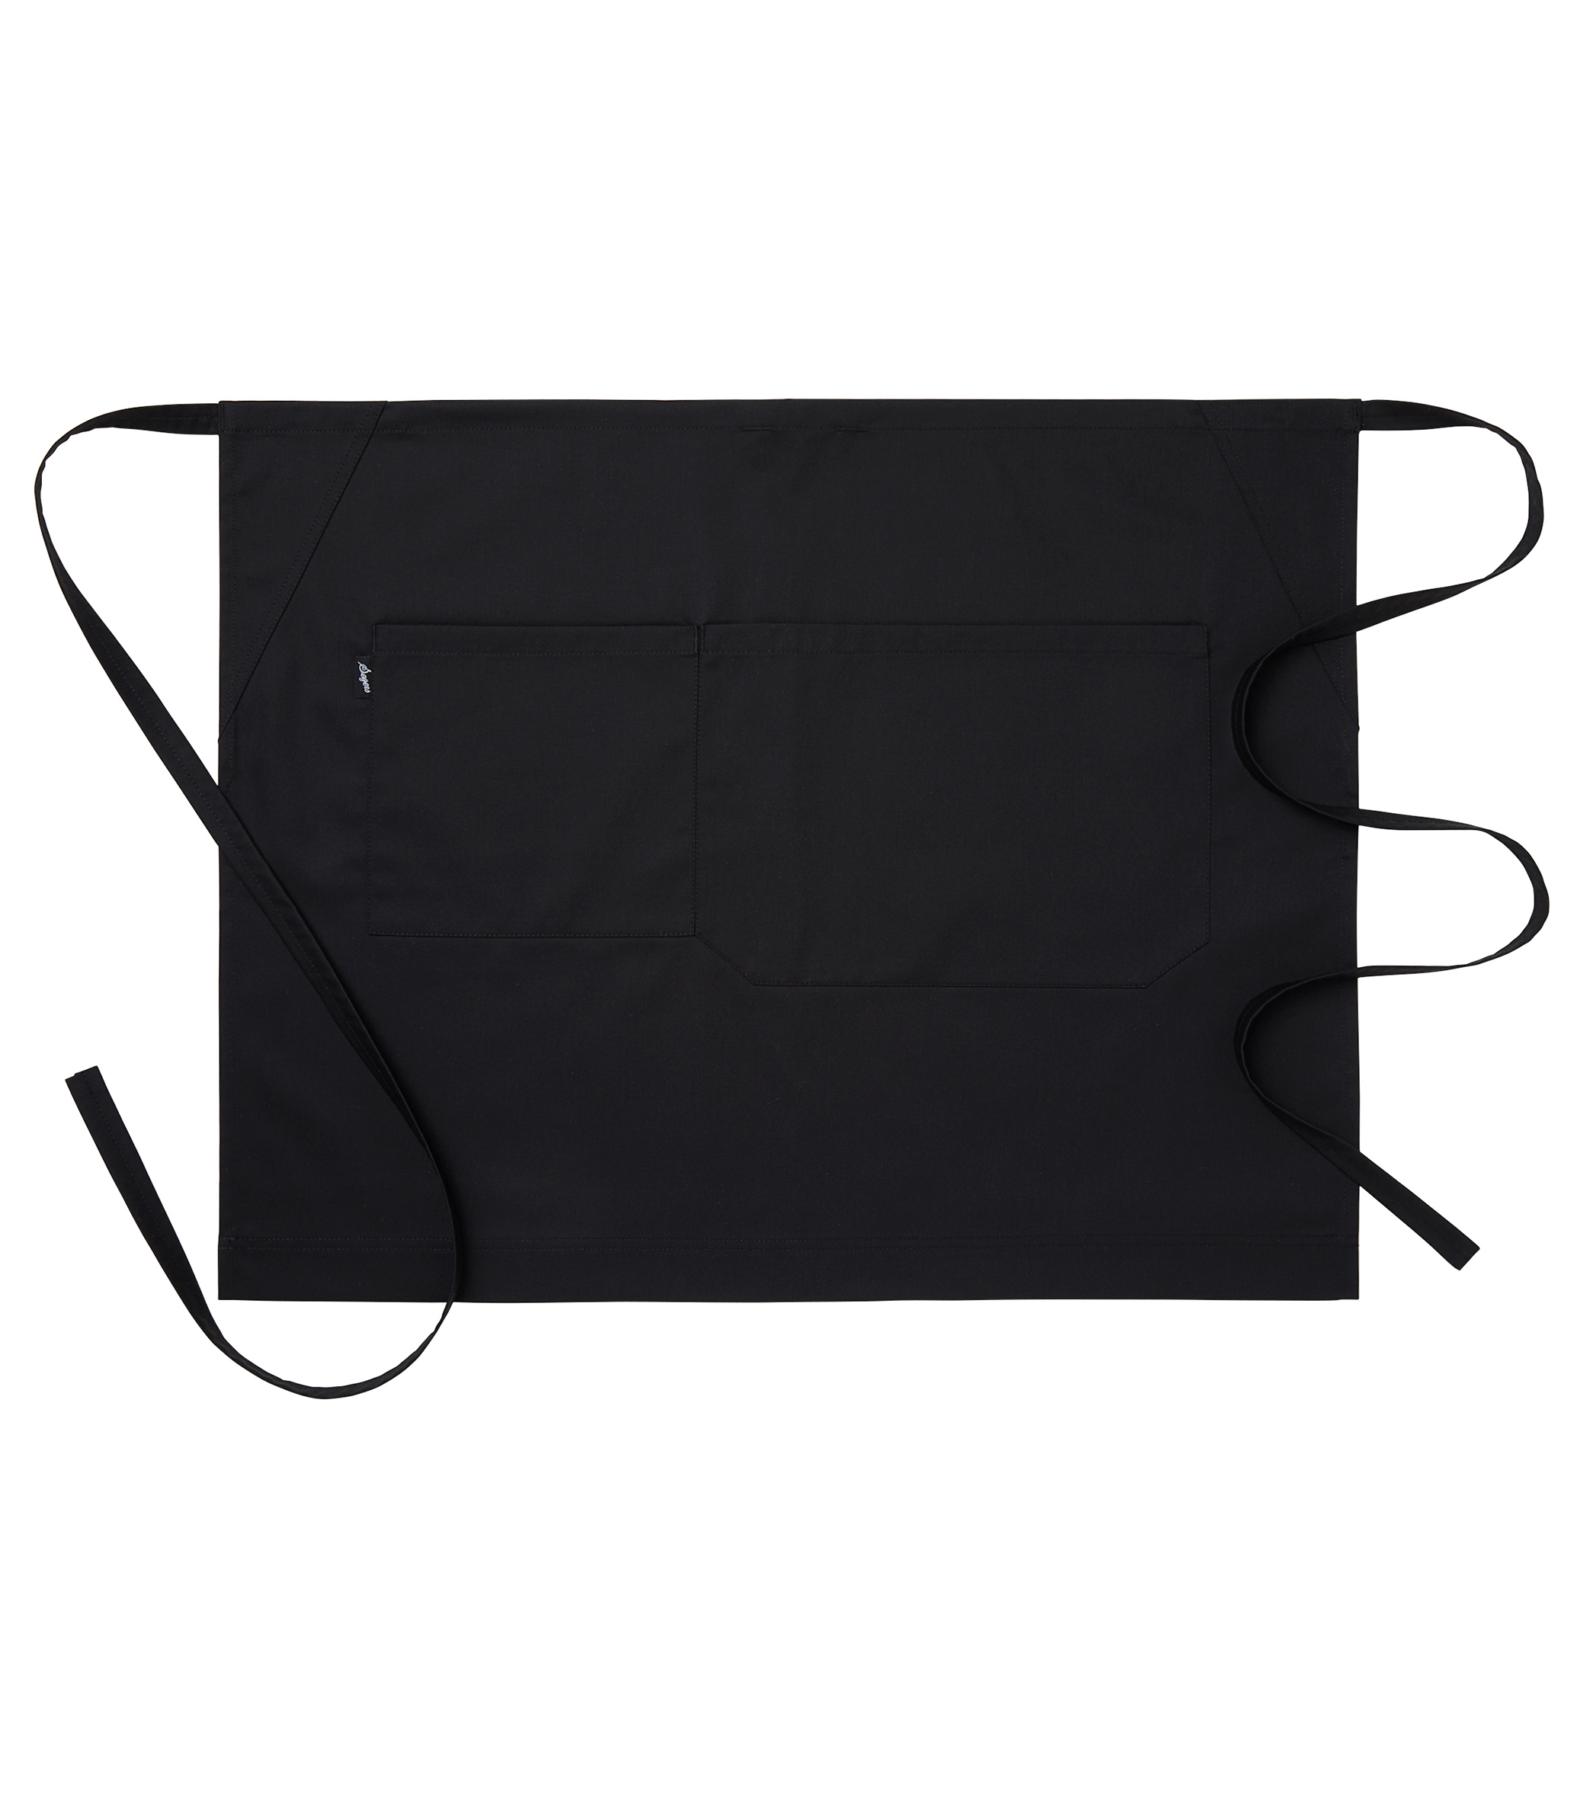 sloof met zakken in zwart